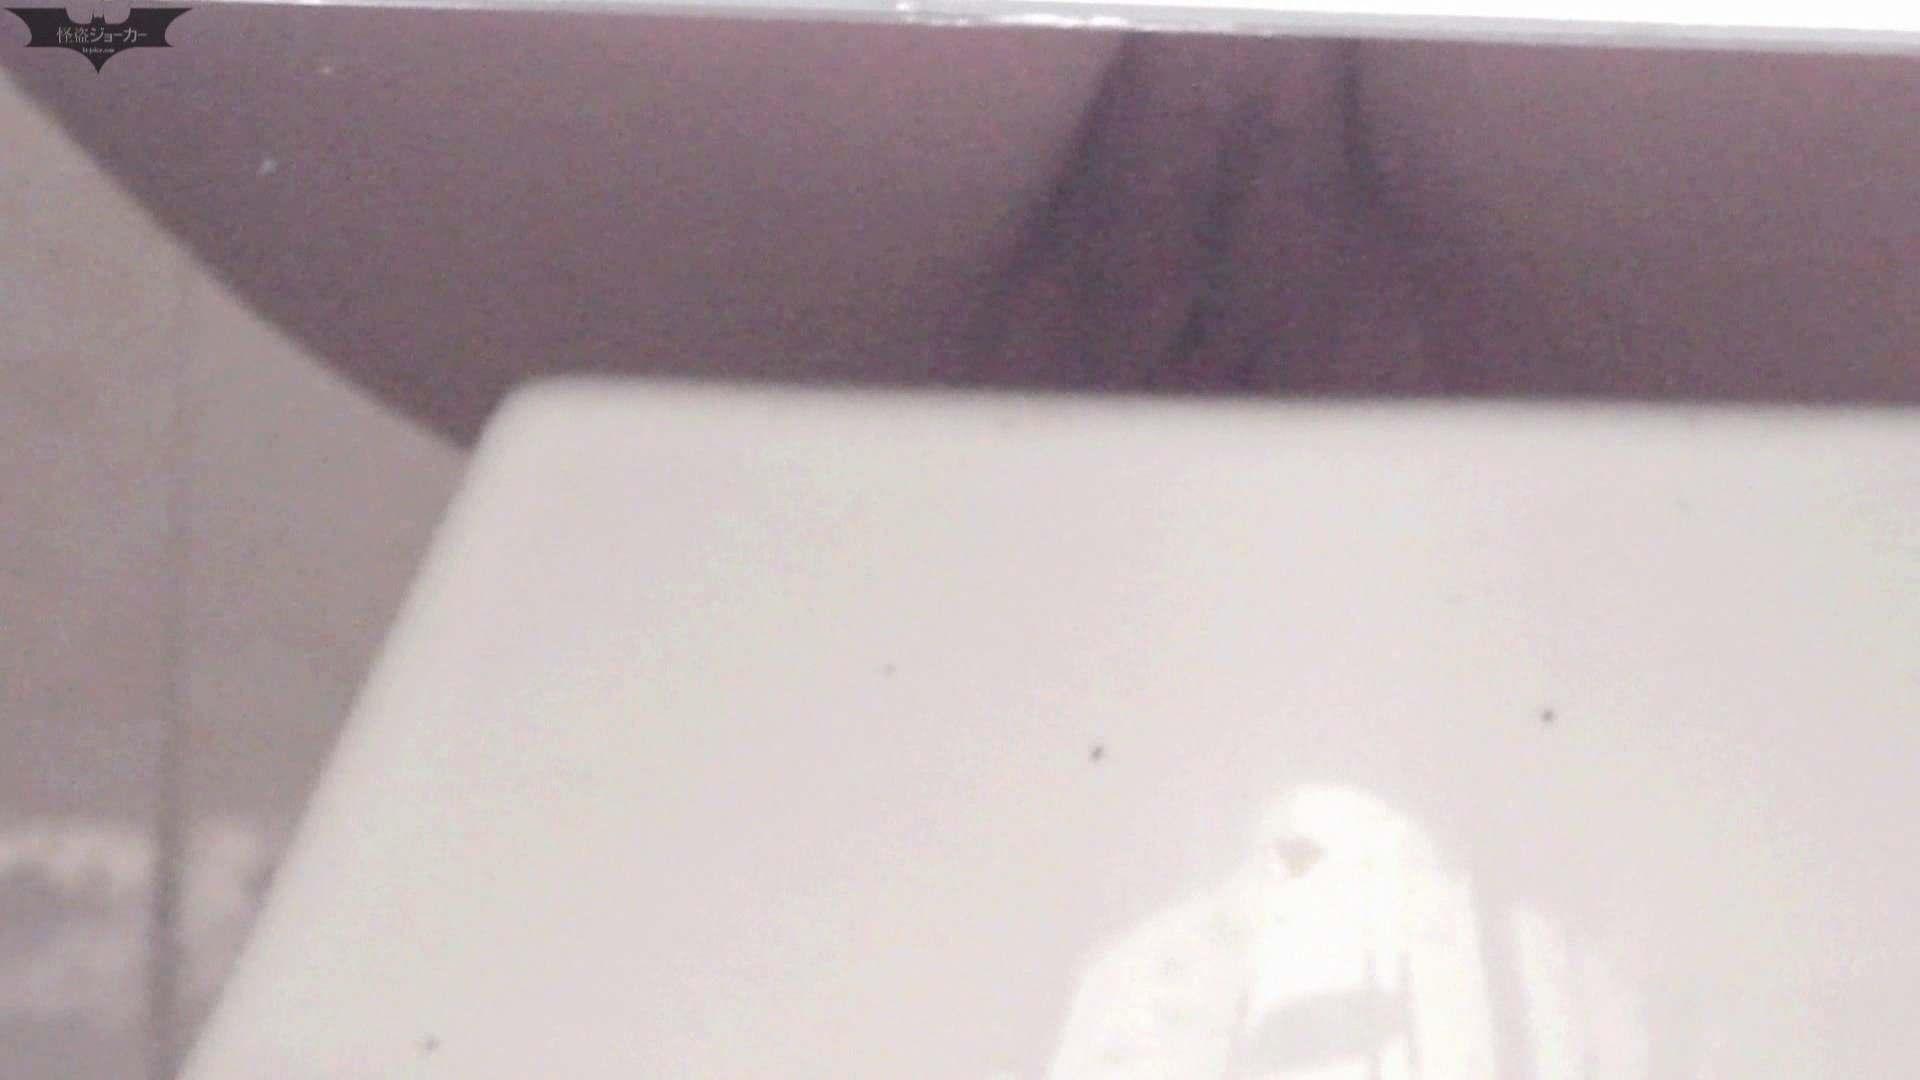 お市さんの「お尻丸出しジャンボリー」 11本格的に美女狩りに変換 美人の裸体 オマンコ動画キャプチャ 81枚 27